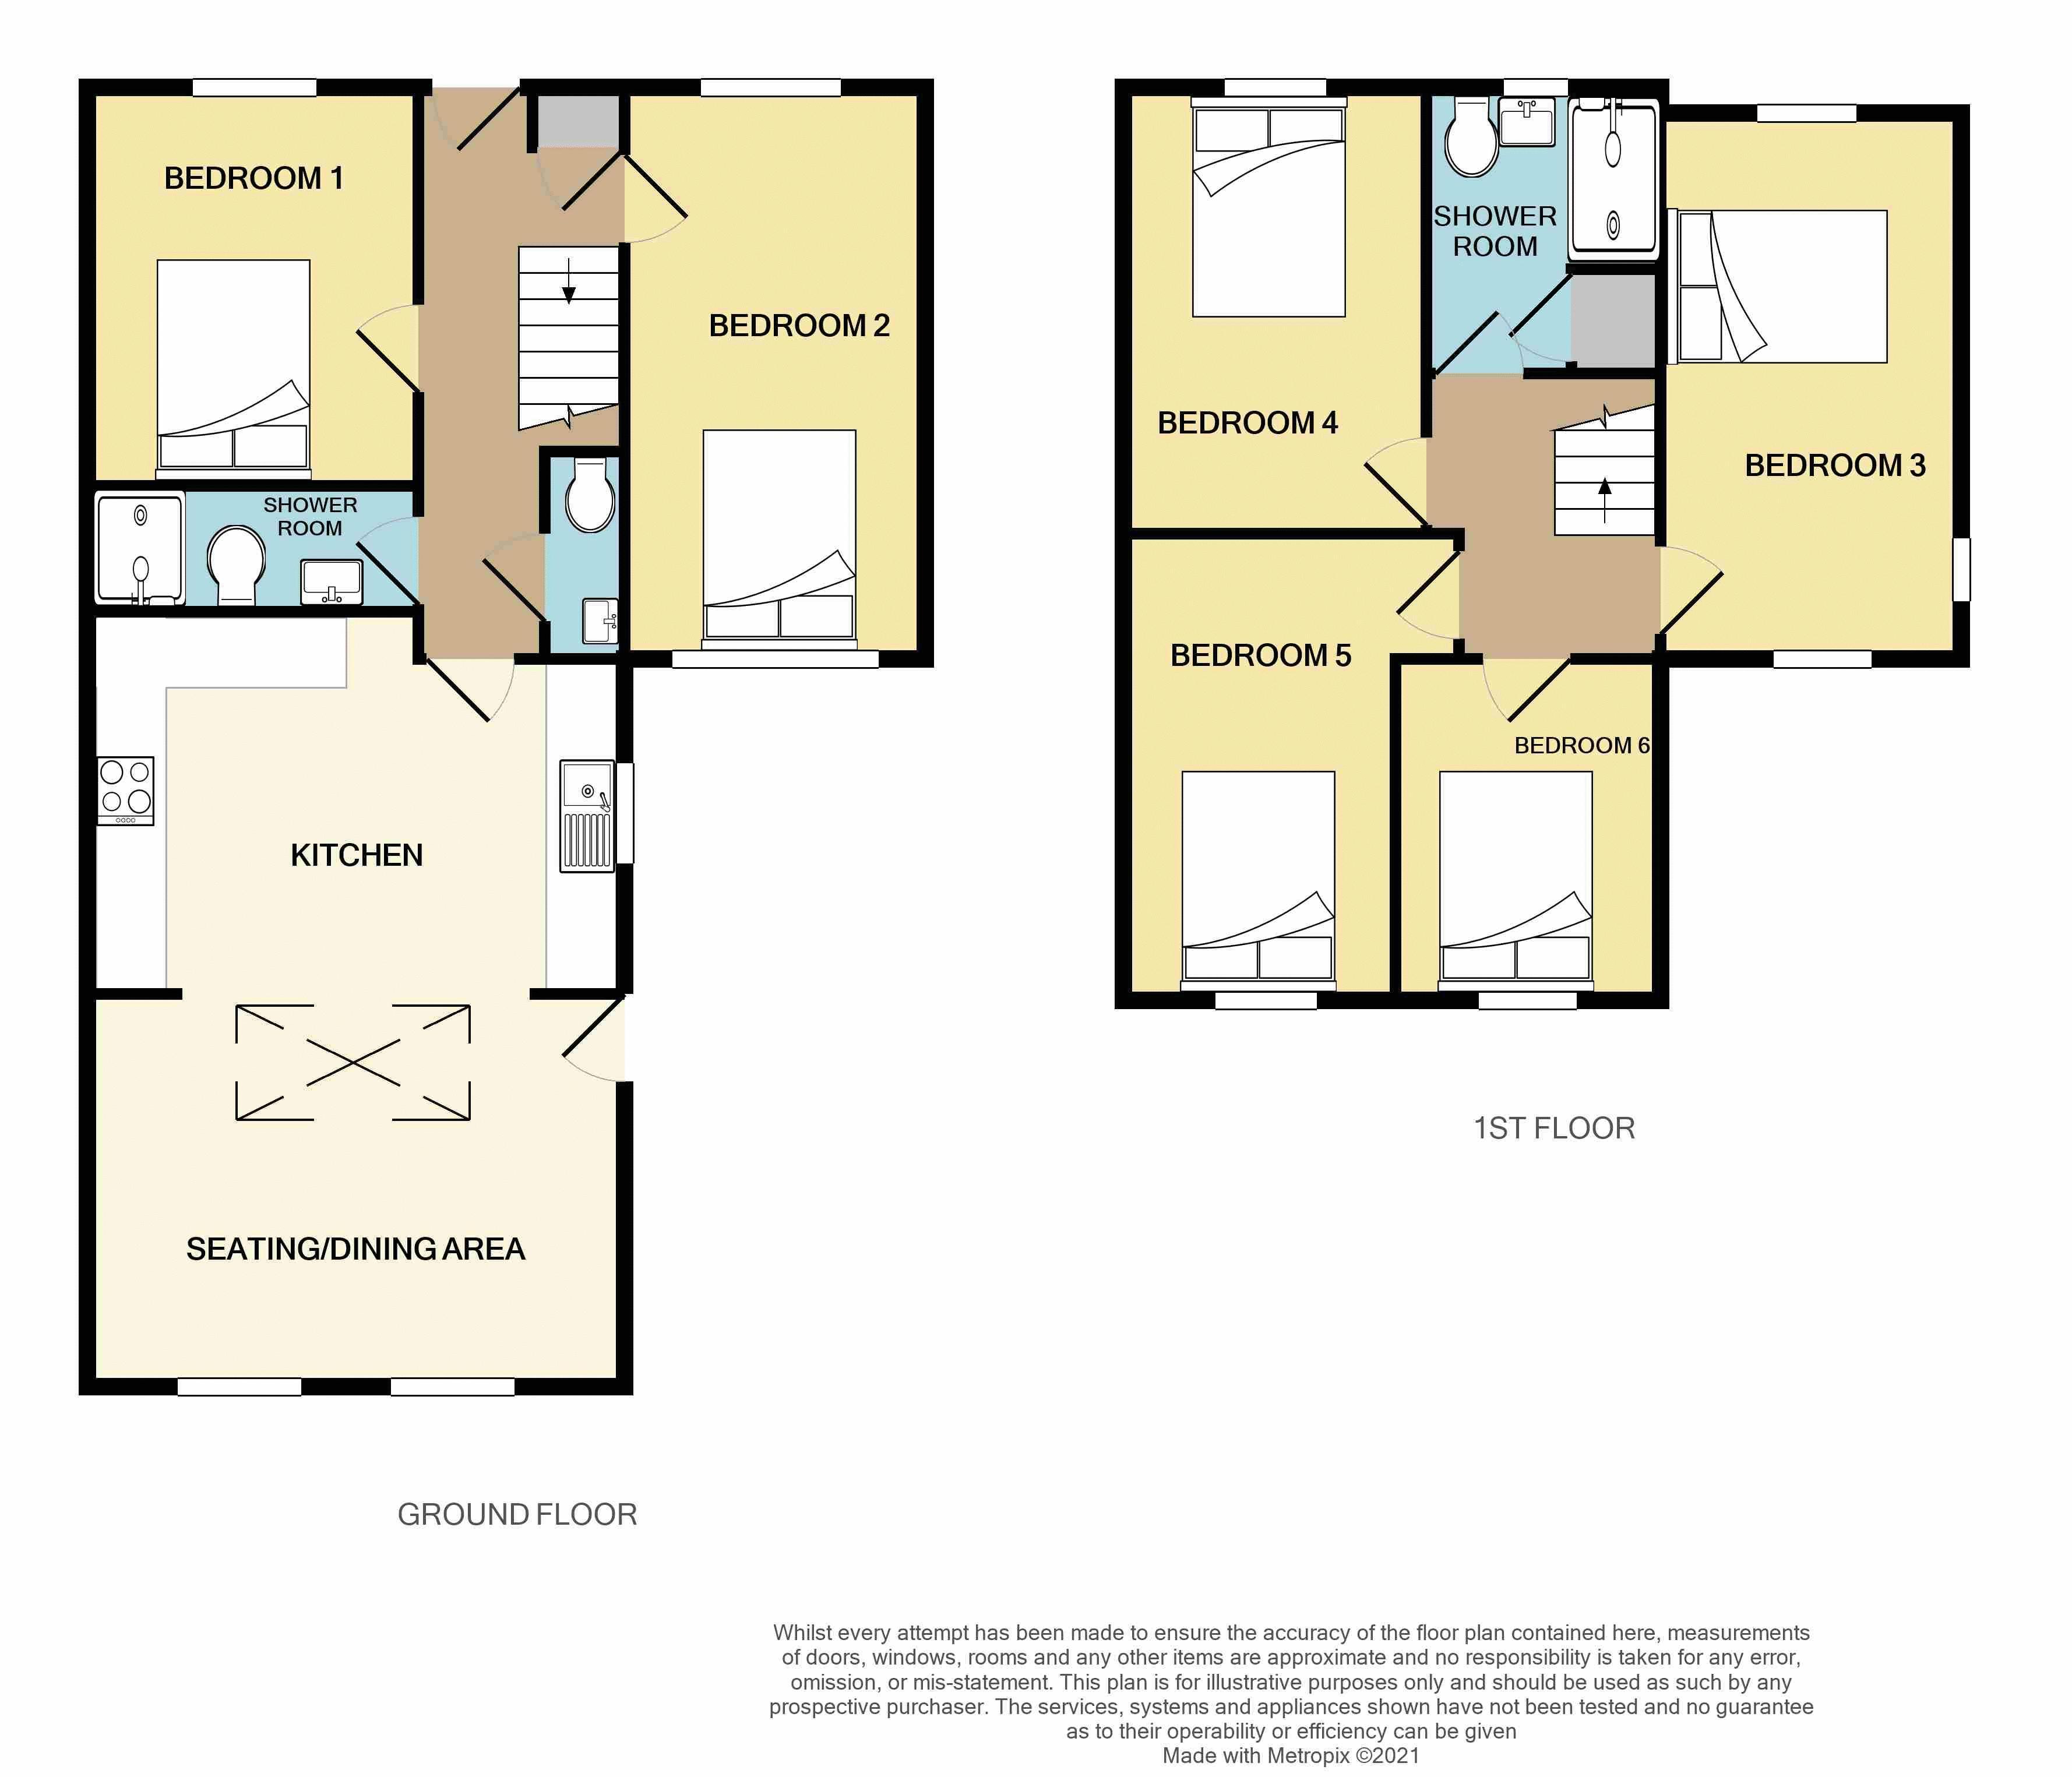 Room 6, Bishop Westall Road, Exeter floorplan